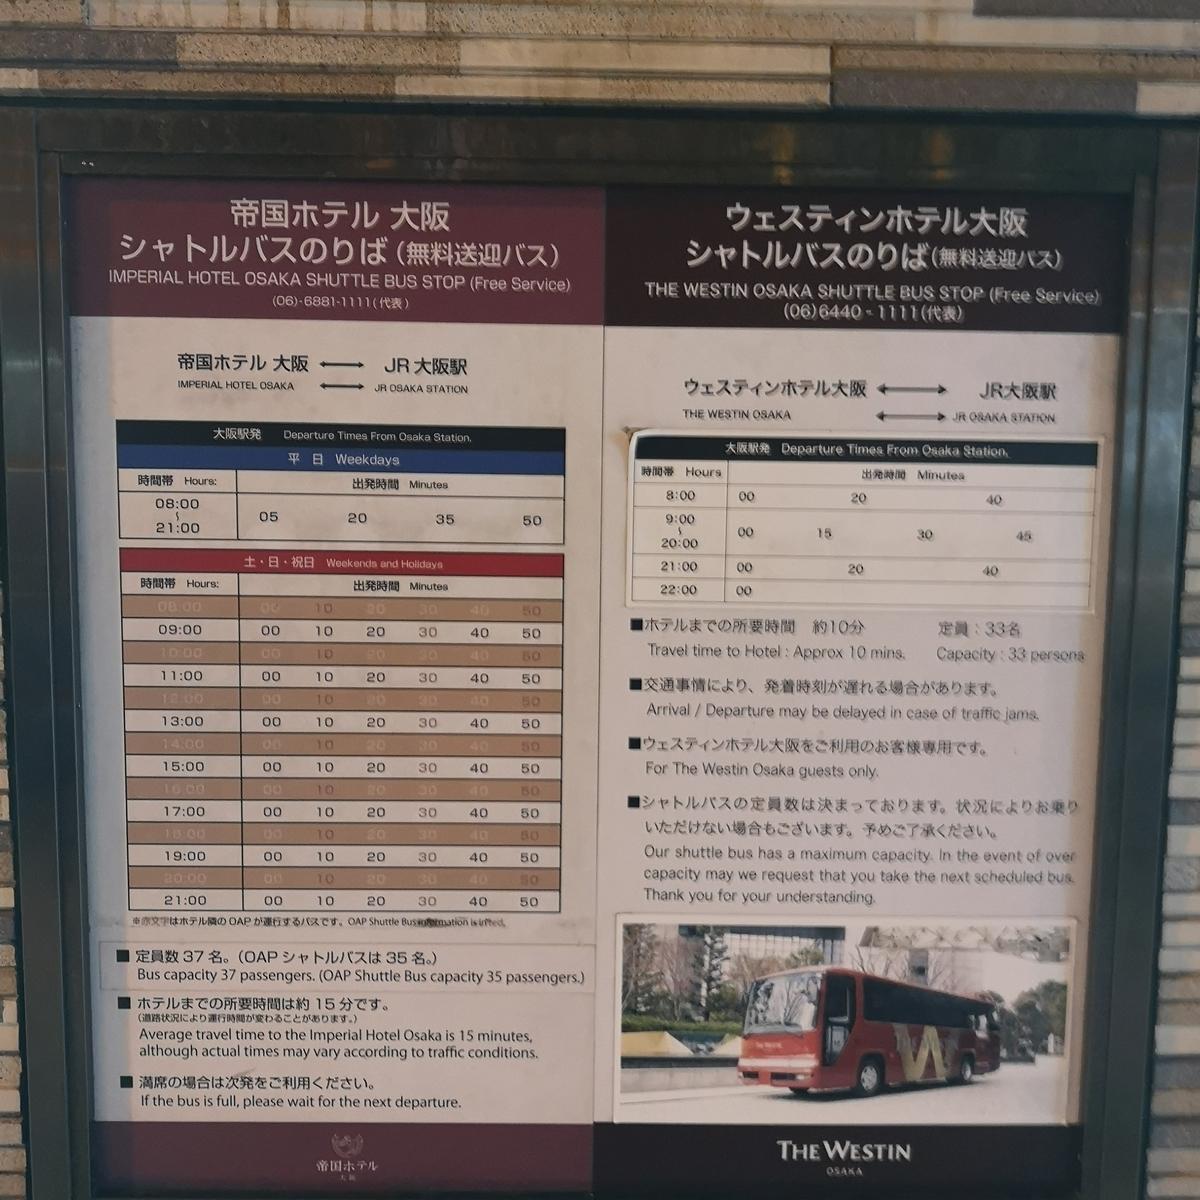 ウェスティンホテル大阪 シャトルバス待合所 大阪駅桜橋口